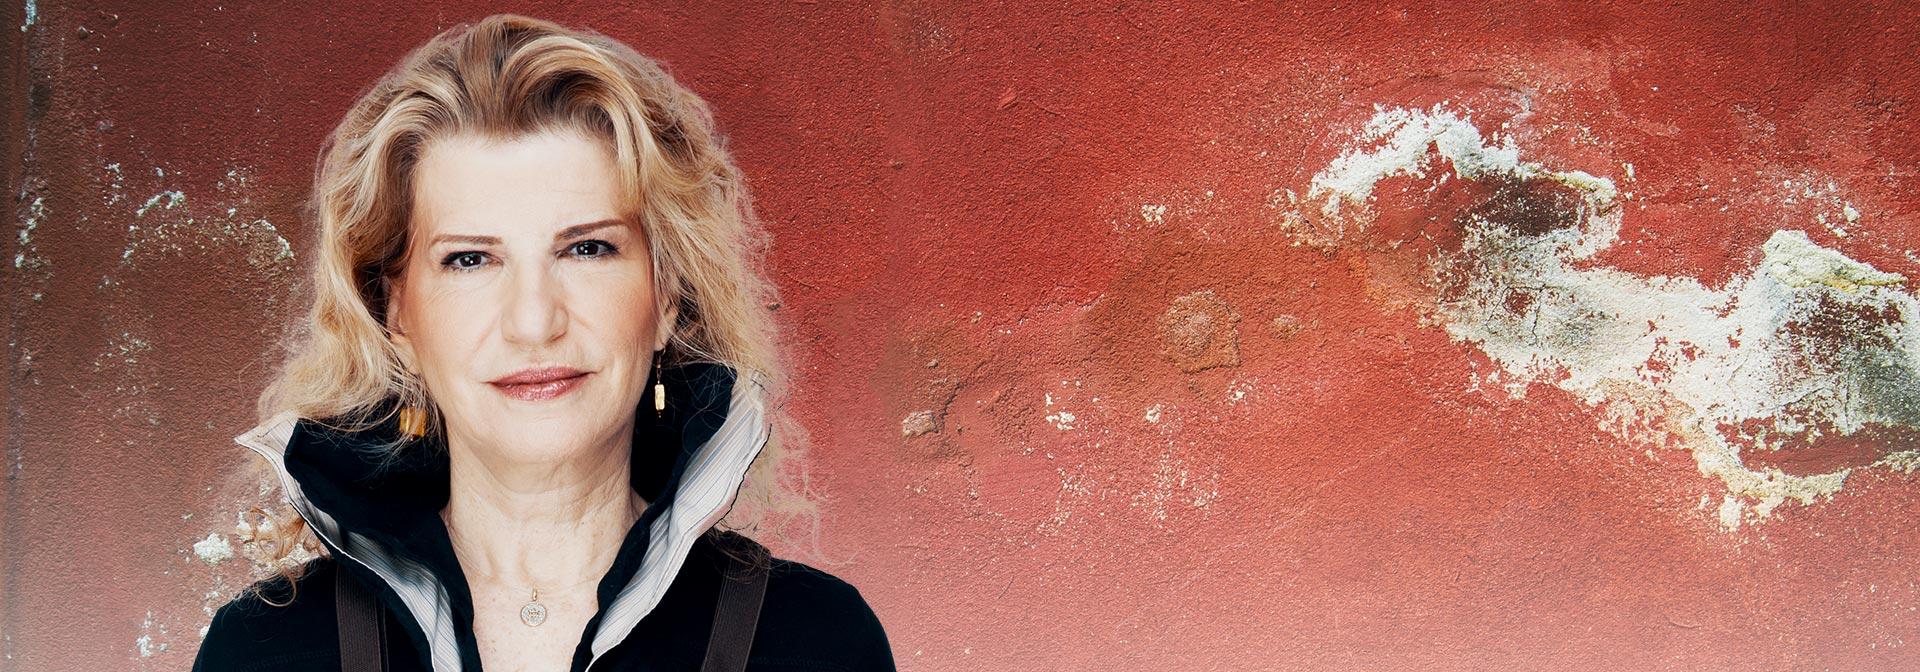 ליידי גלובס מציג: 20 האקטיביסטיות המשפיעות בישראל 2018 - הדס שטייף / צילום: ענבל מרמרי